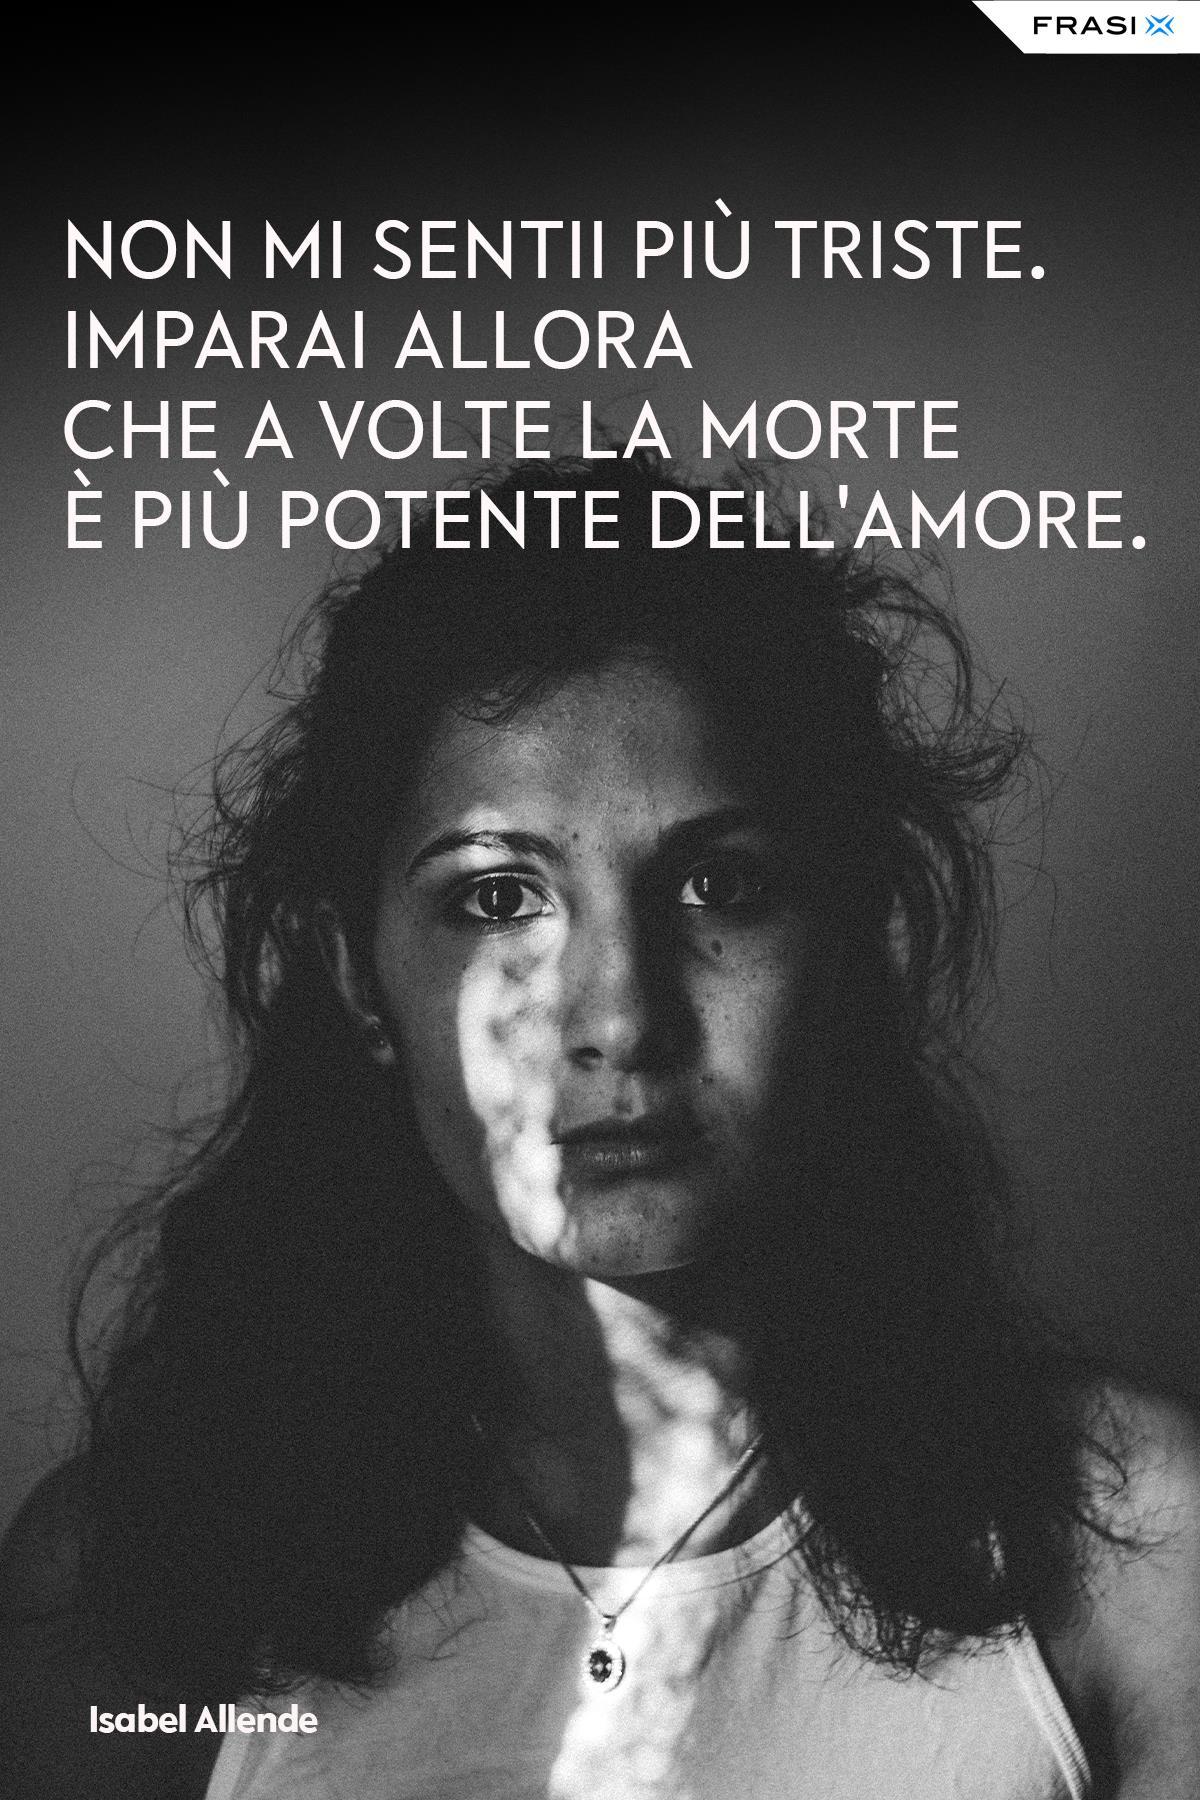 Frasi depresse morte Isabel Allende